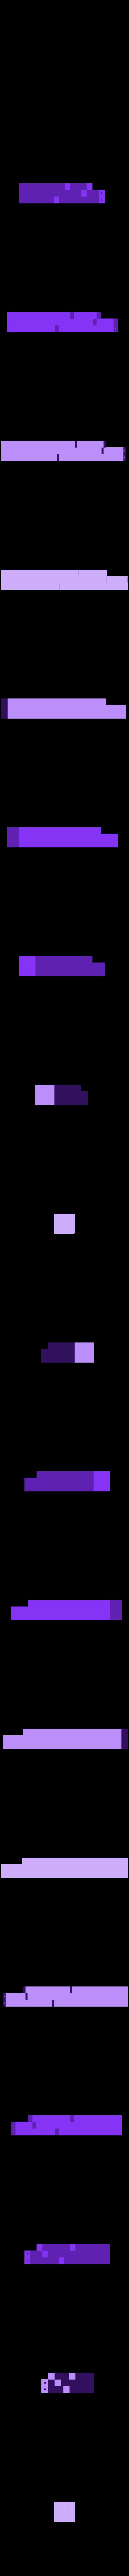 Willis_Tower.stl Télécharger fichier STL gratuit Mise à jour de Chicago • Plan pour impression 3D, Urukgar4D